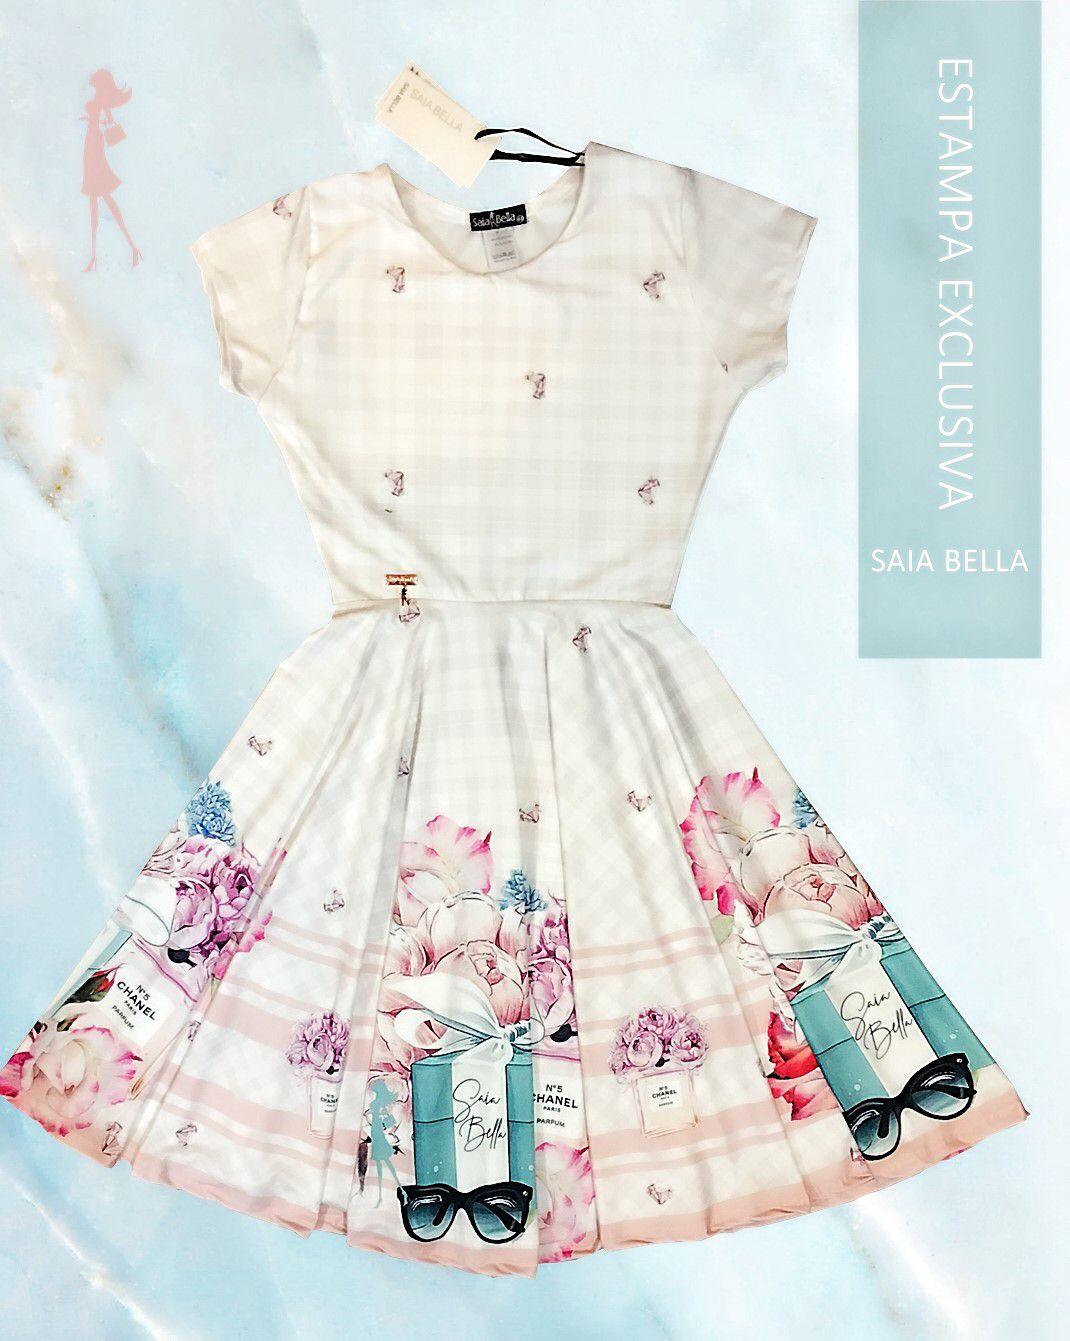 Vestido Midi Chanel Saia Bella cod SBE002 - PRONTA ENTREGA